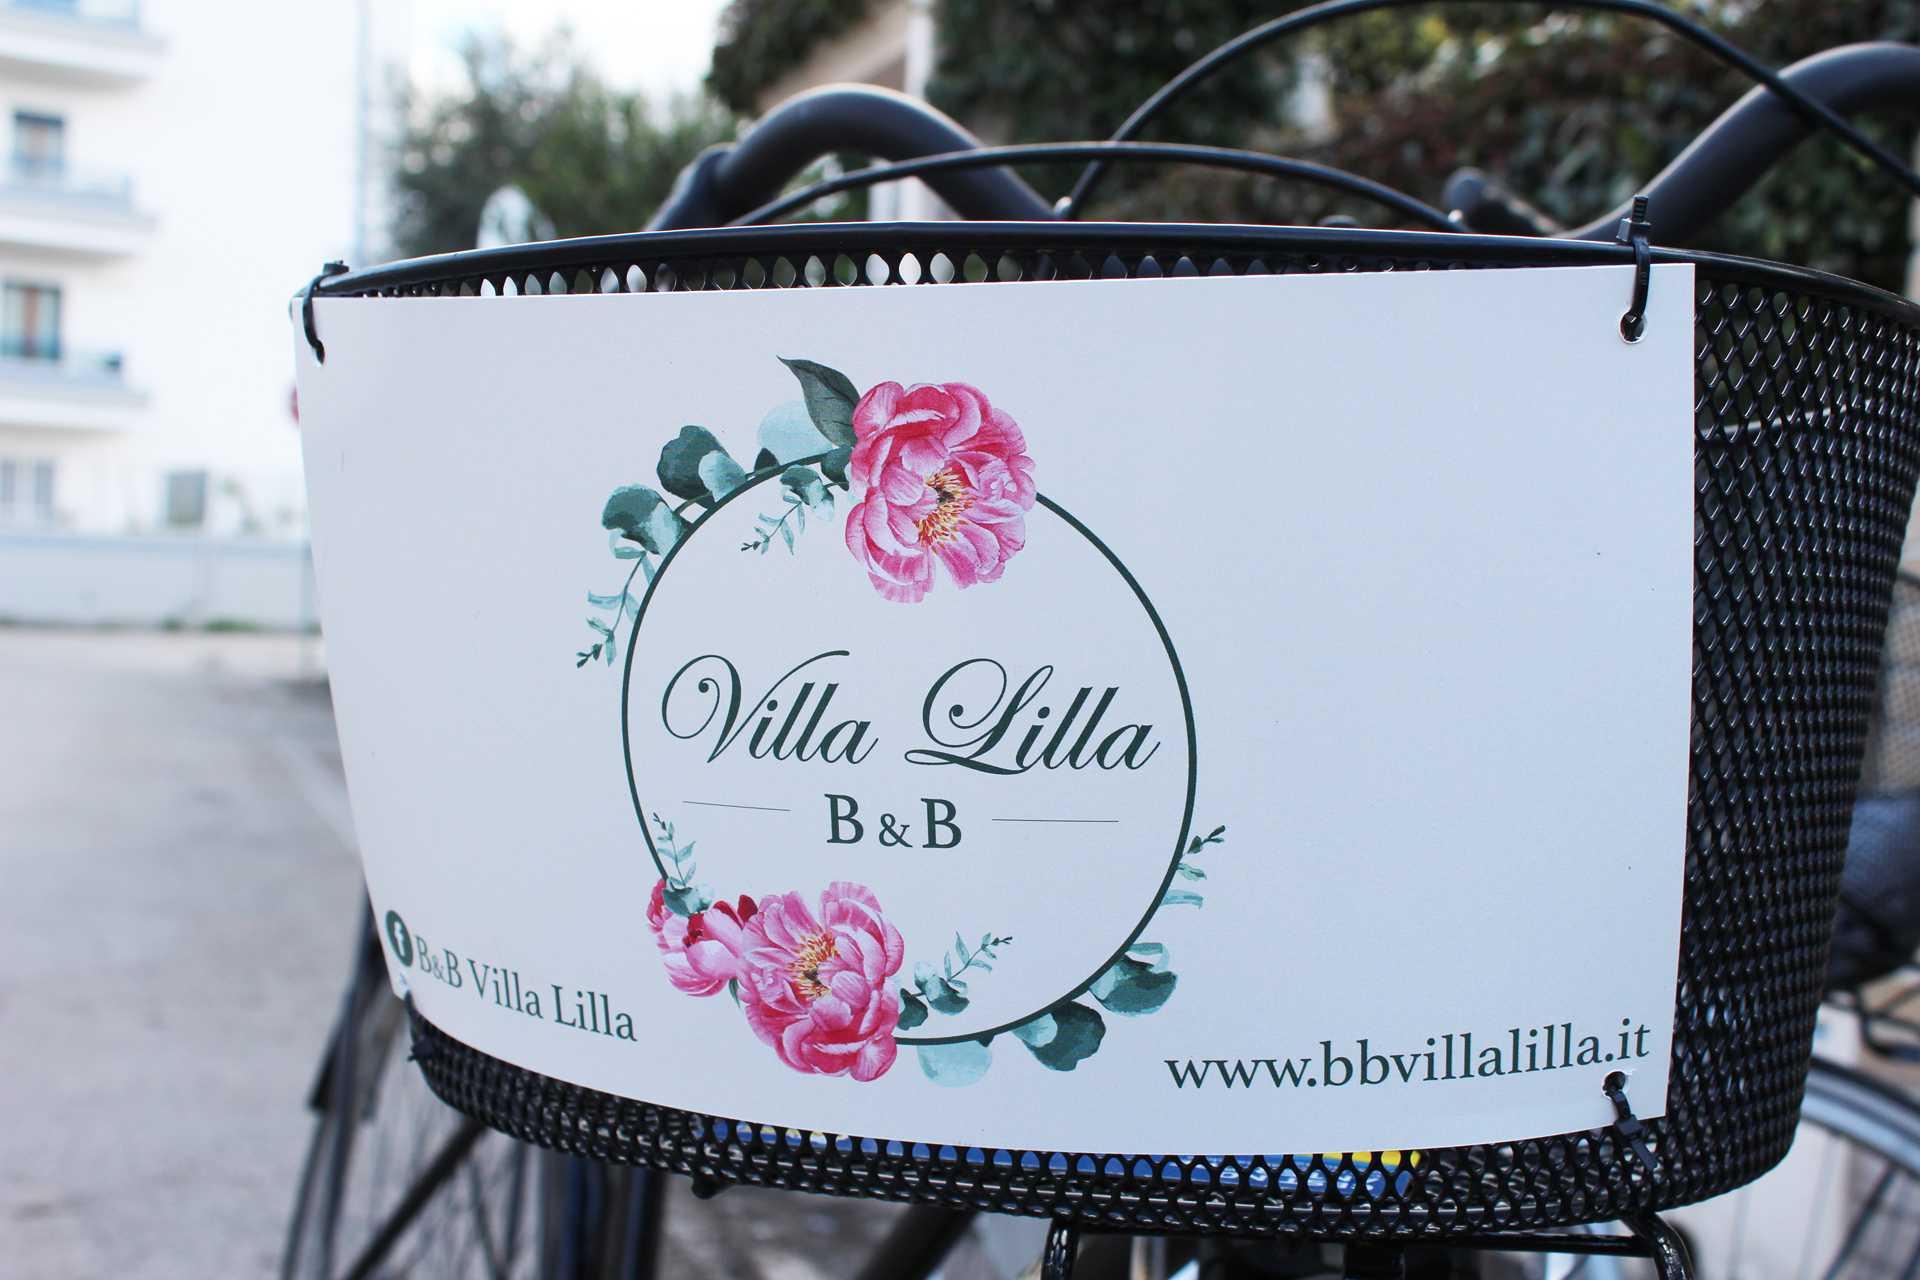 Biciclette Villa Lilla